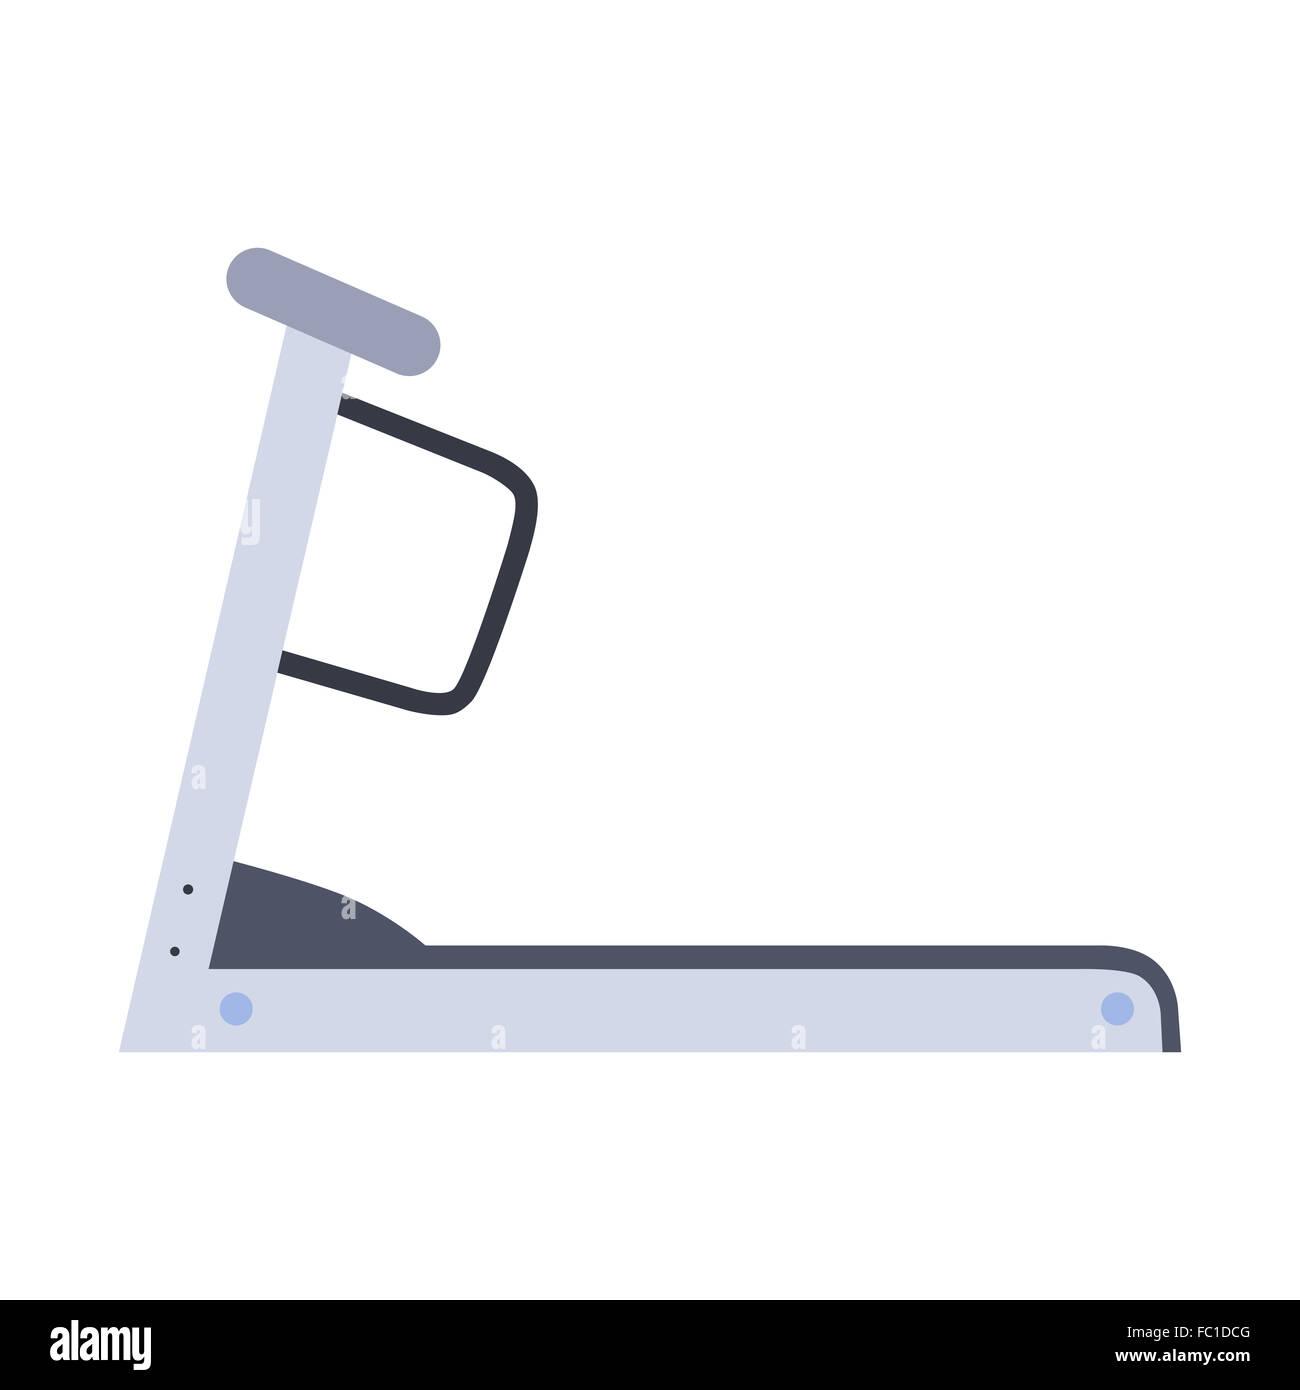 Stationary treadmill - Stock Image